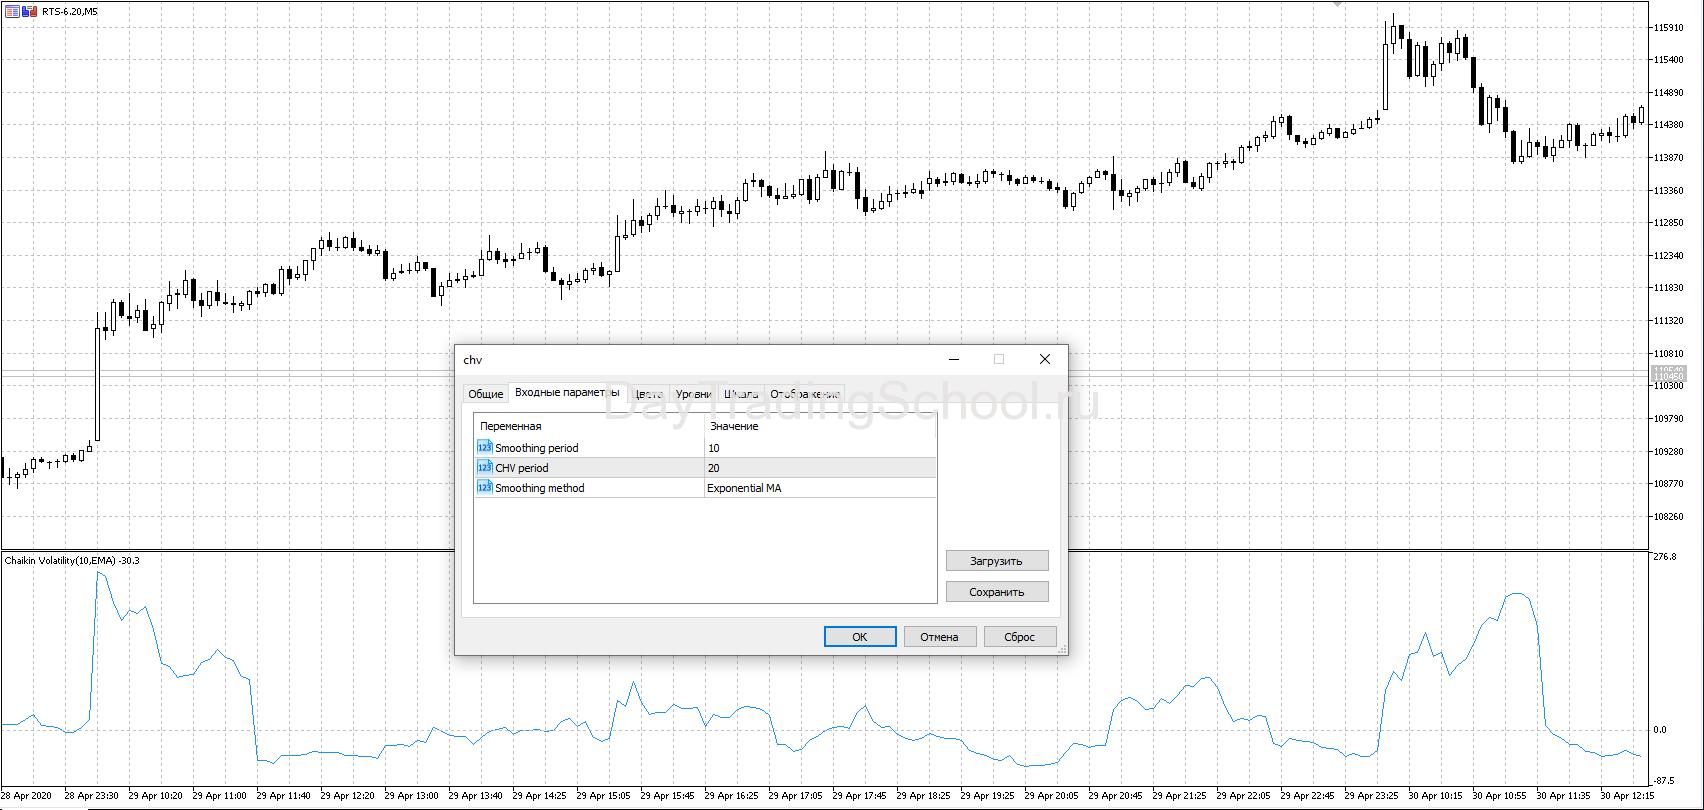 Chaikin-Volatility-CHV-индикатор-мт5